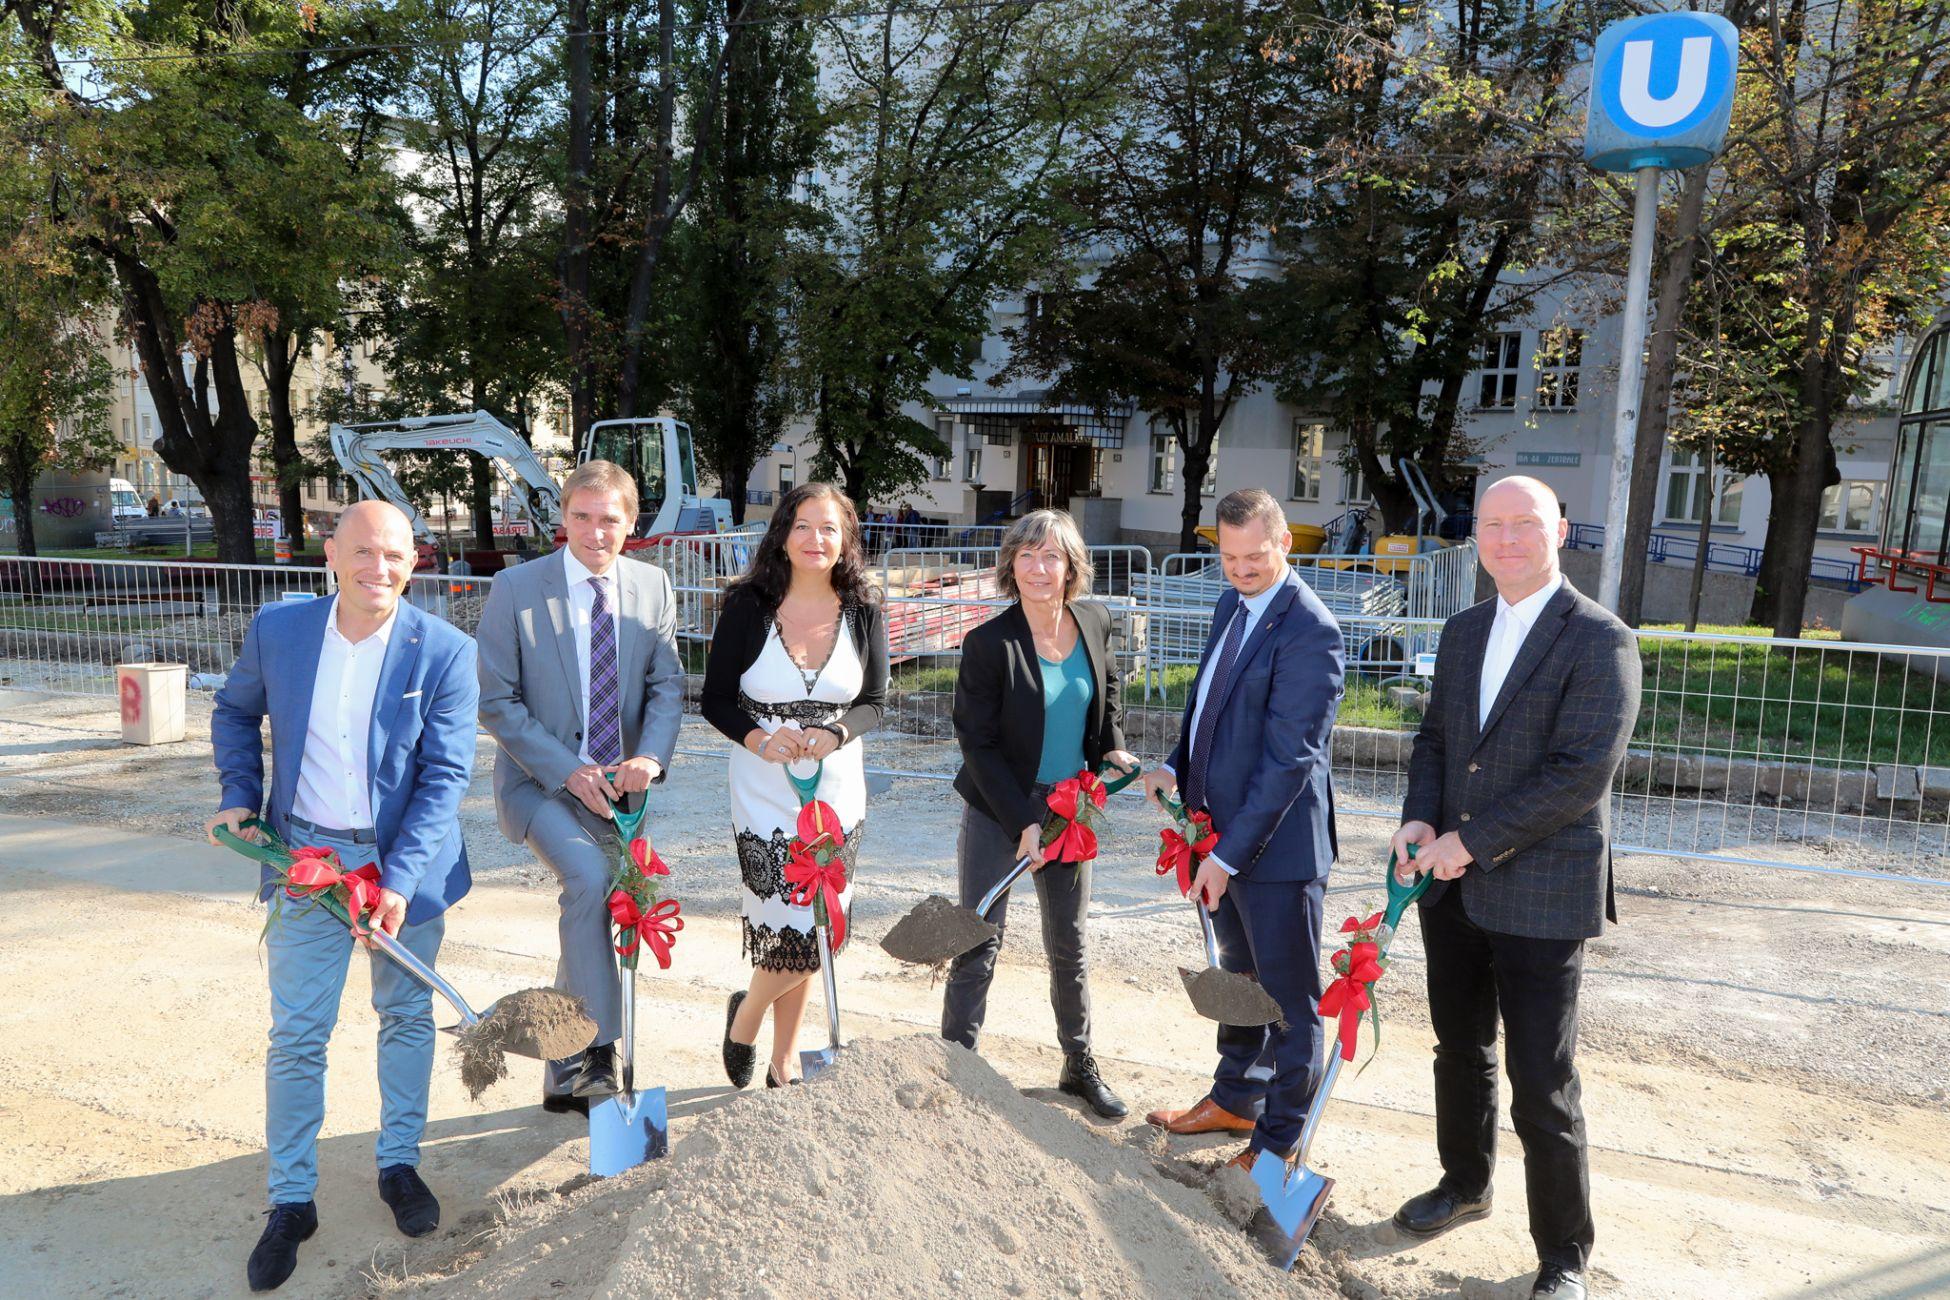 Die Stadträtinnen Hebein und Simma und Bezirksvorsteher Marcus Franz beim Spatenstich am Reumannplatz. Der Platz wird umgestaltet, die Bauarbeiten werden bis Sommer 2020 dauern.